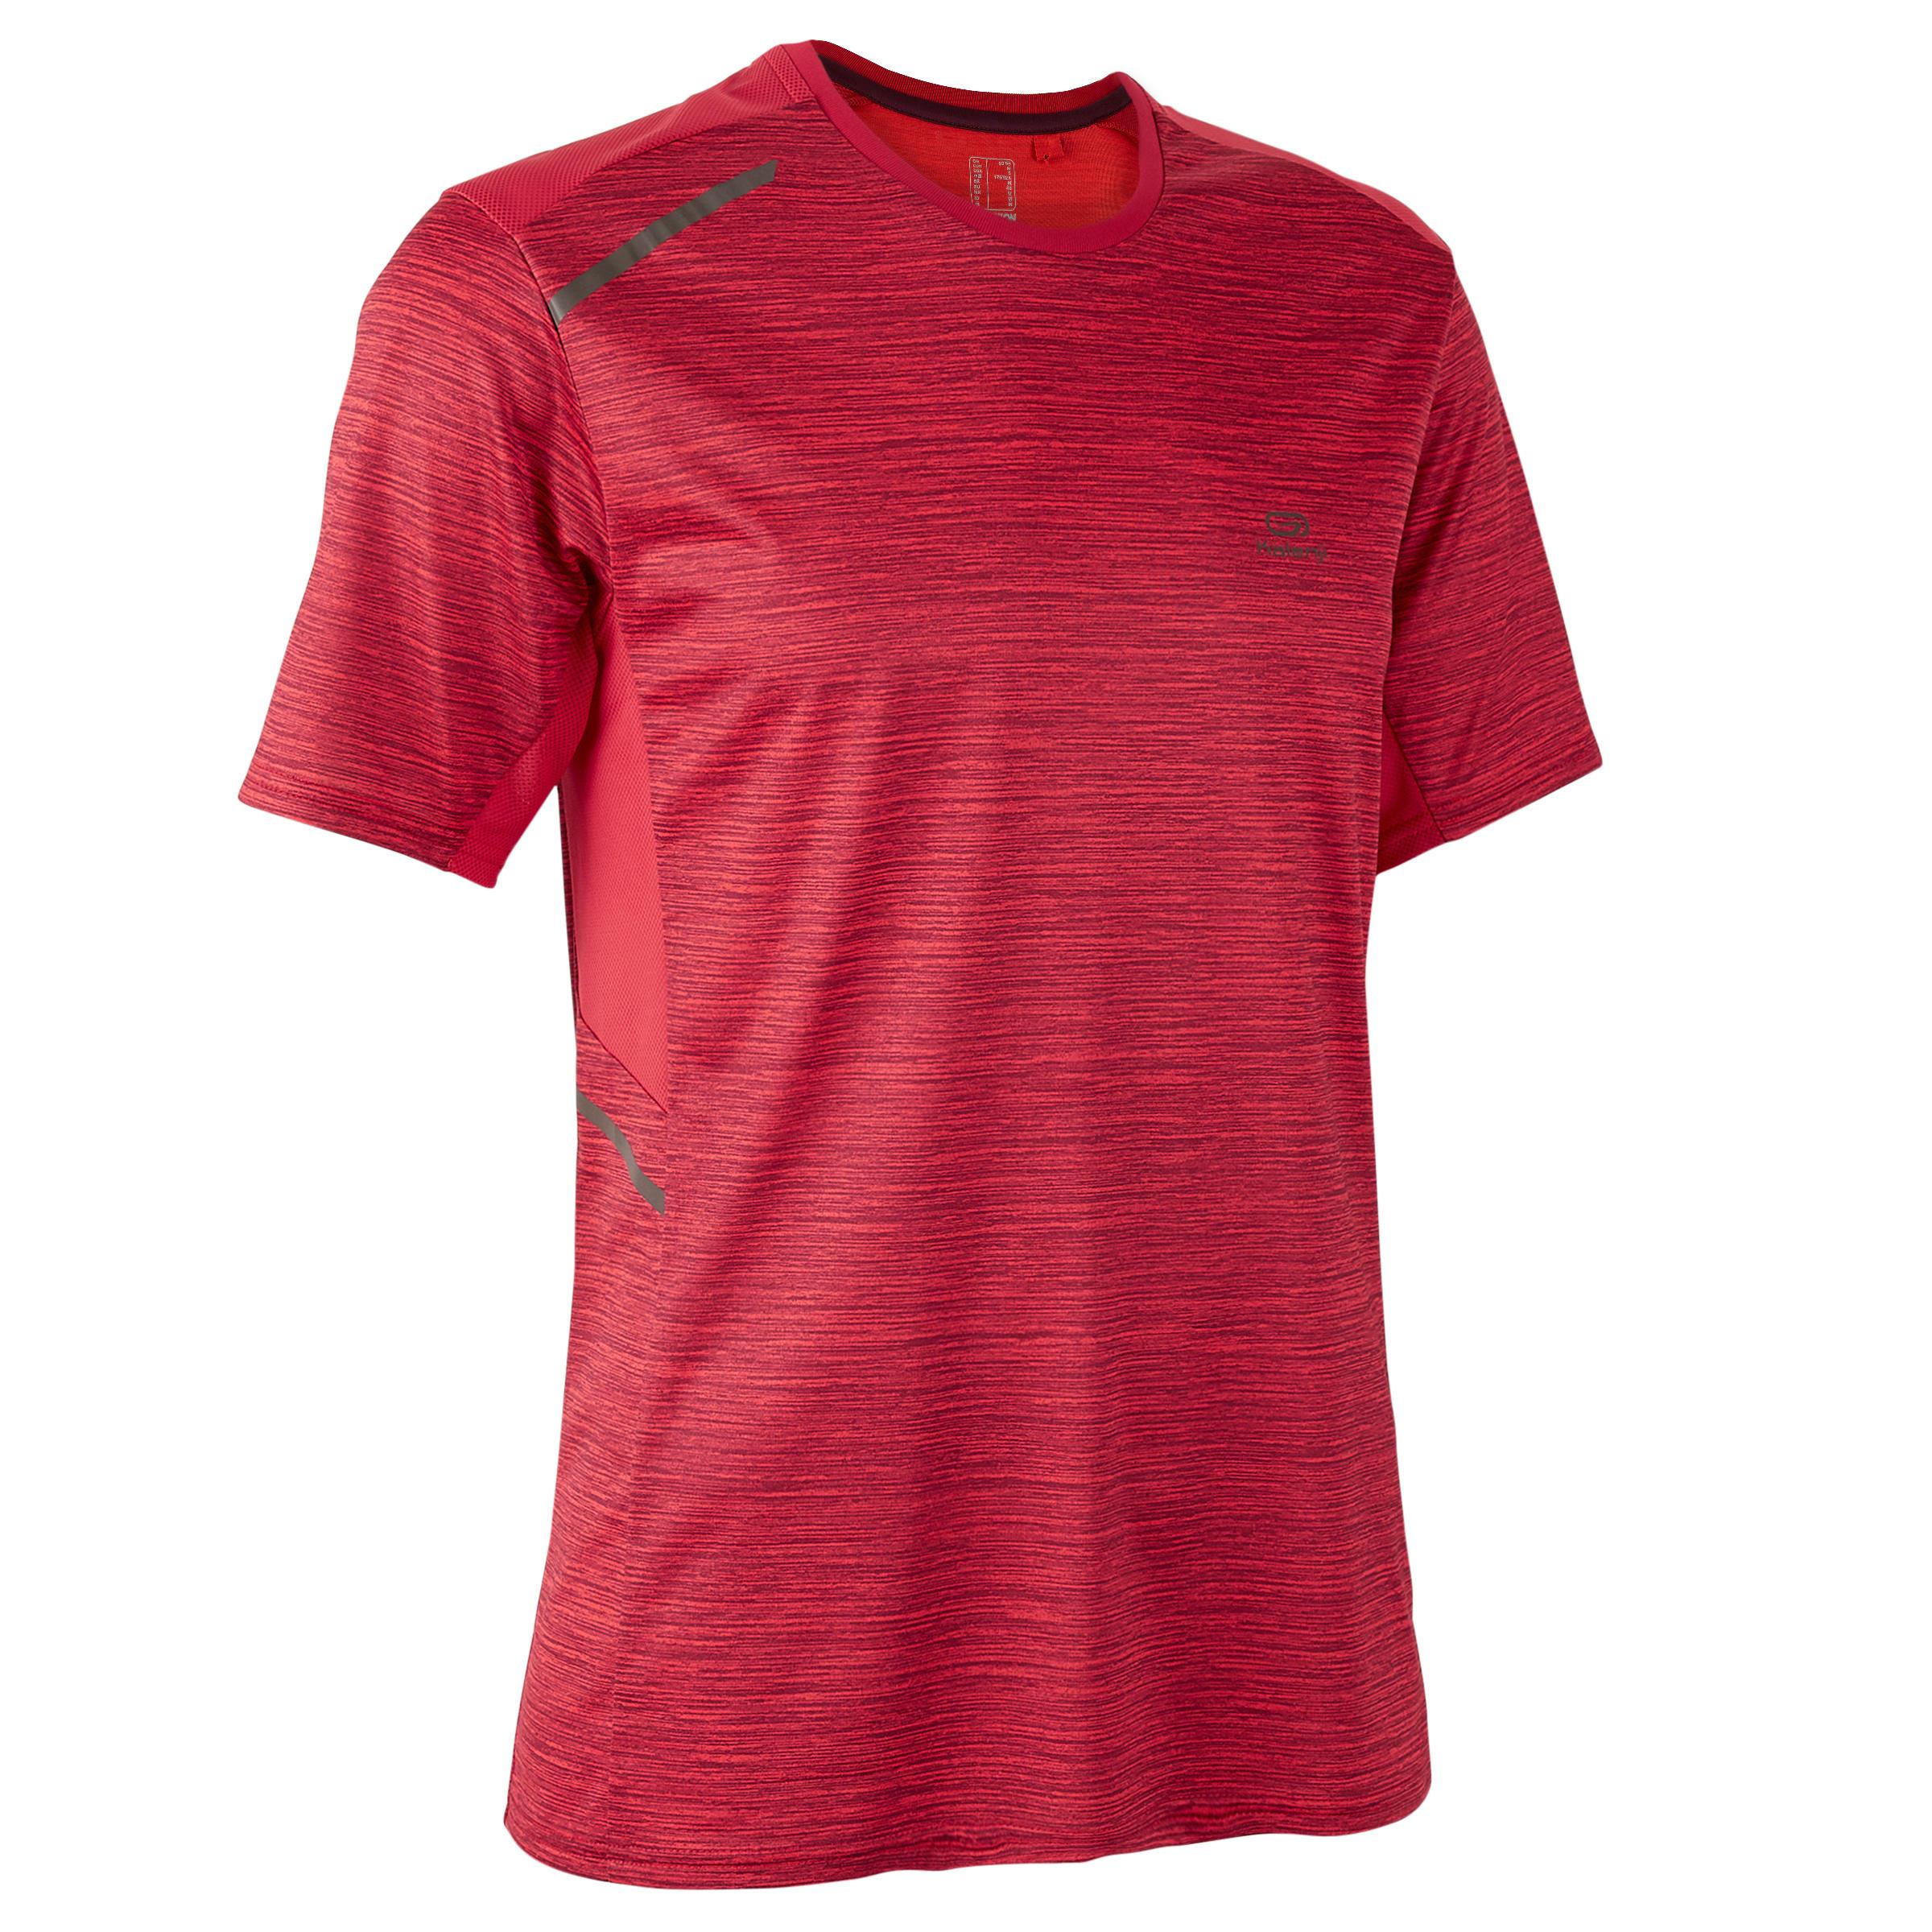 Kalenji Hardloopshirt heren Run Dry+ kopen? Leest dit eerst: Alles voor het hardlopen Alles voor jogging/Joggingkleding met korting